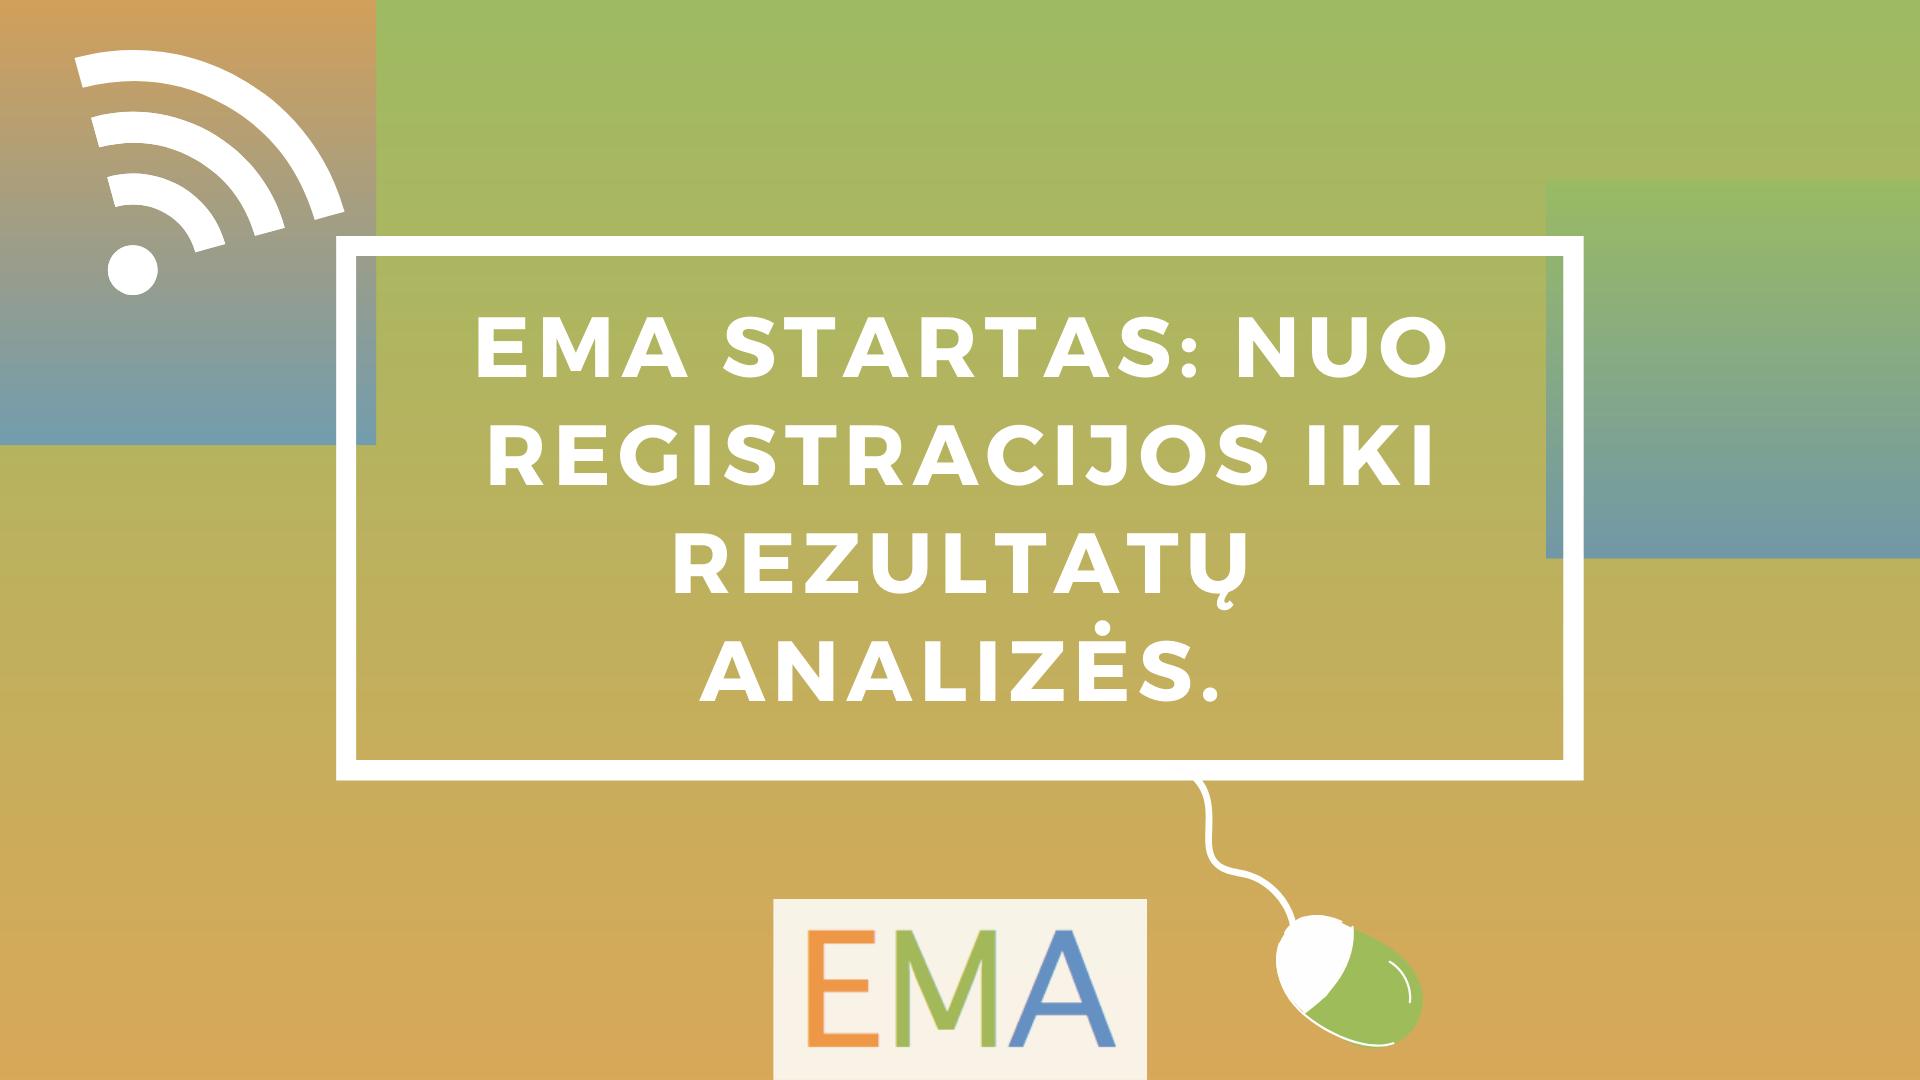 EMA startas: nuo registracijos iki rezultatų analizės.